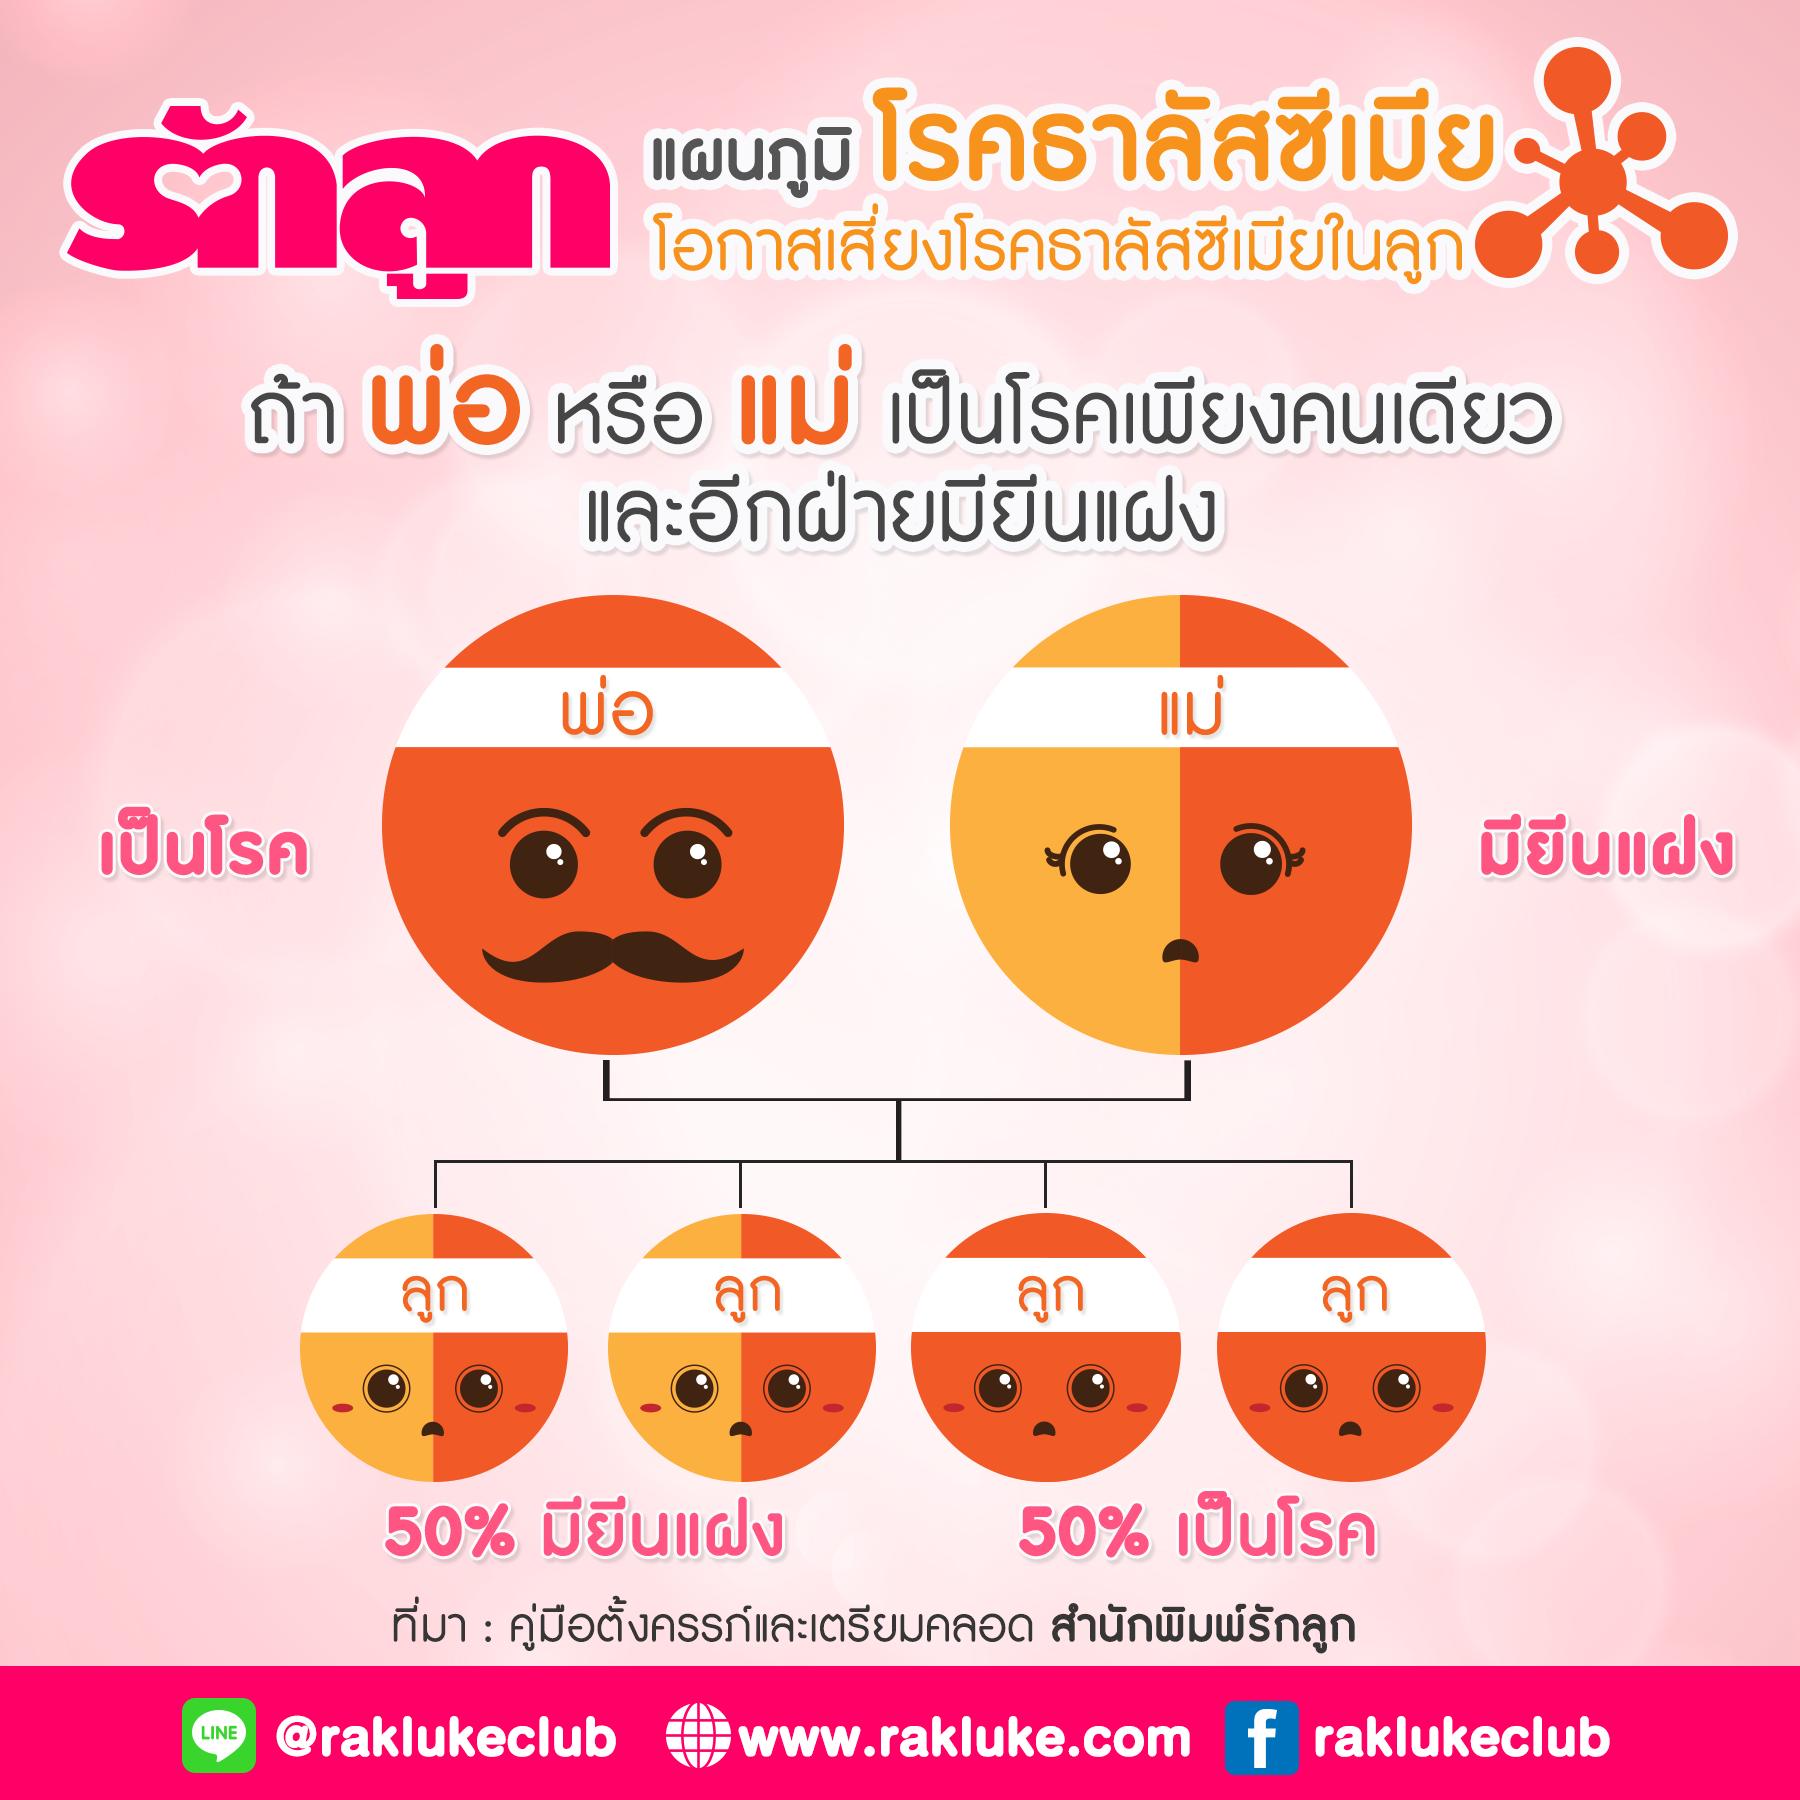 ธาลัสซีเมีย, ยีนแฝงธาลัสซีเมีย, โรคทางพันธุกรรม, โรคเลือด, โรคที่พ่อแม่ส่งต่อถึงโรค, โรคเลือดธาลัสซีเมีย, โรคโลหิตจาง, พาหะธาลัสซีเมีย, ตรวจธาลัสซีเมีย, ตรวจสุขภาพก่อนตั้งครรภ์, เป็นธาลัสซีเมียท้องได้ไหม, อยากท้องแต่เป็นธาลัสซีเมีย, เป็นธาลัสซีเมียลูกในท้องจะเป็นด้วยไหม, ทำยังไงไม่ให้ลูกเป็นธาลัสซีเมีย, ท้องเป็นธาลัสซีเมียอันตรายไหม, เป็นธาลัสซีเมียมีลูกได้มั้ย, พ่อเป็นธาลัสซีเมียลูกจะเป็นไหม, แม่เป็นธาลัสซีเมียลูกจะเป็นไหม, พ่อมียีนแฝงธาลัสซีเมีย ลูกจะเป็นไหม, แม่มียีนแฝงธาลัสซีเมีย ลูกจะเป็นไหม, พ่อแม่มียีนแฝนธาลัสซีเมีย ลูกจะเป็นไหม